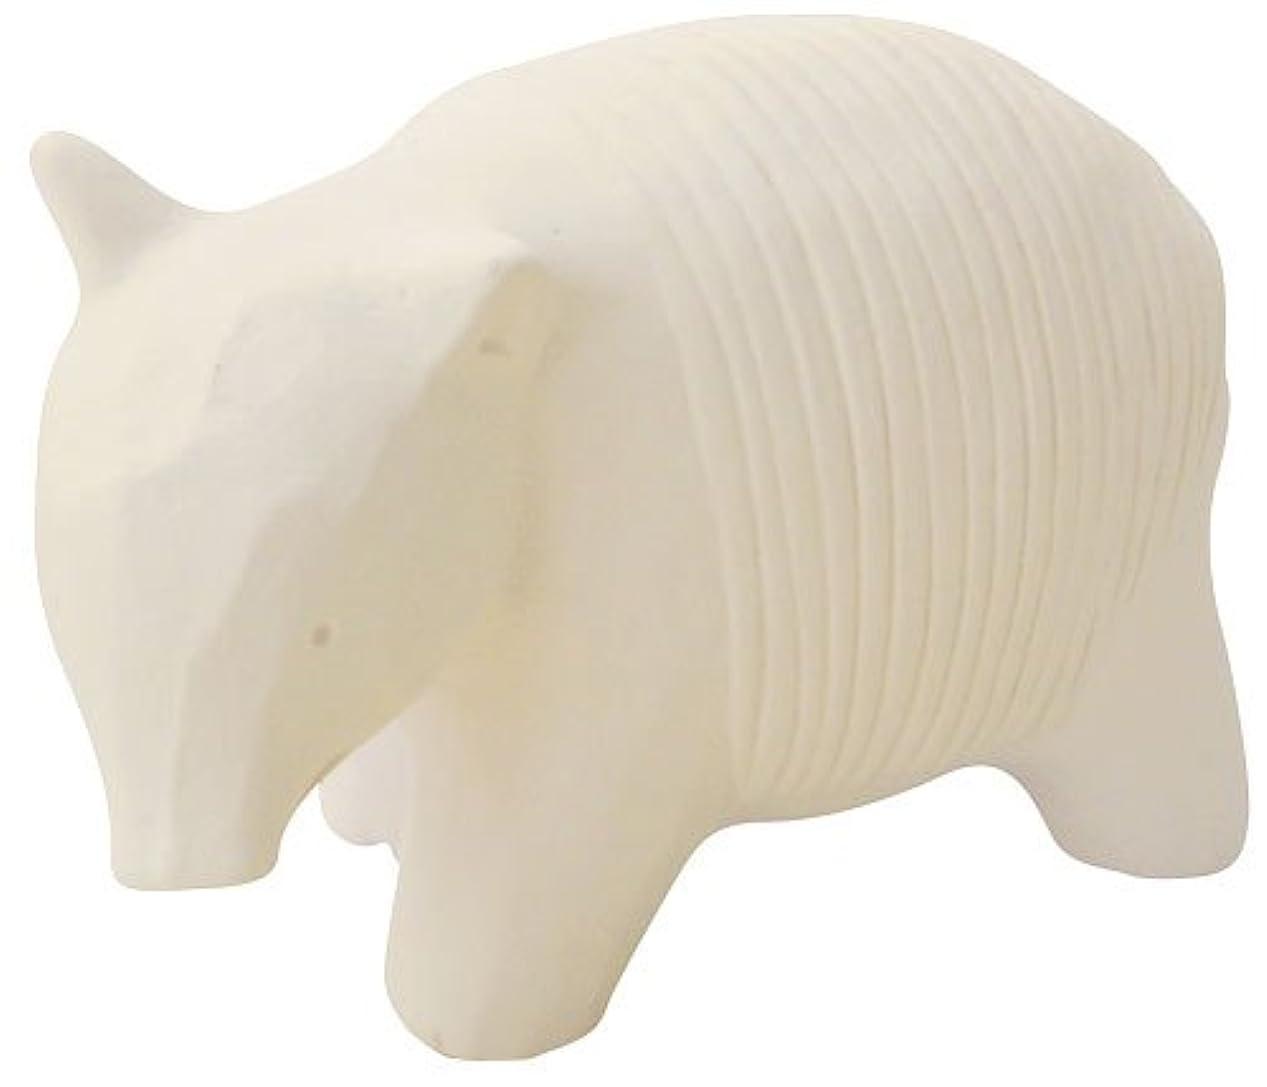 ズボンマトリックス抵抗力があるフリート のんびり動物 プチアロマ 白バク